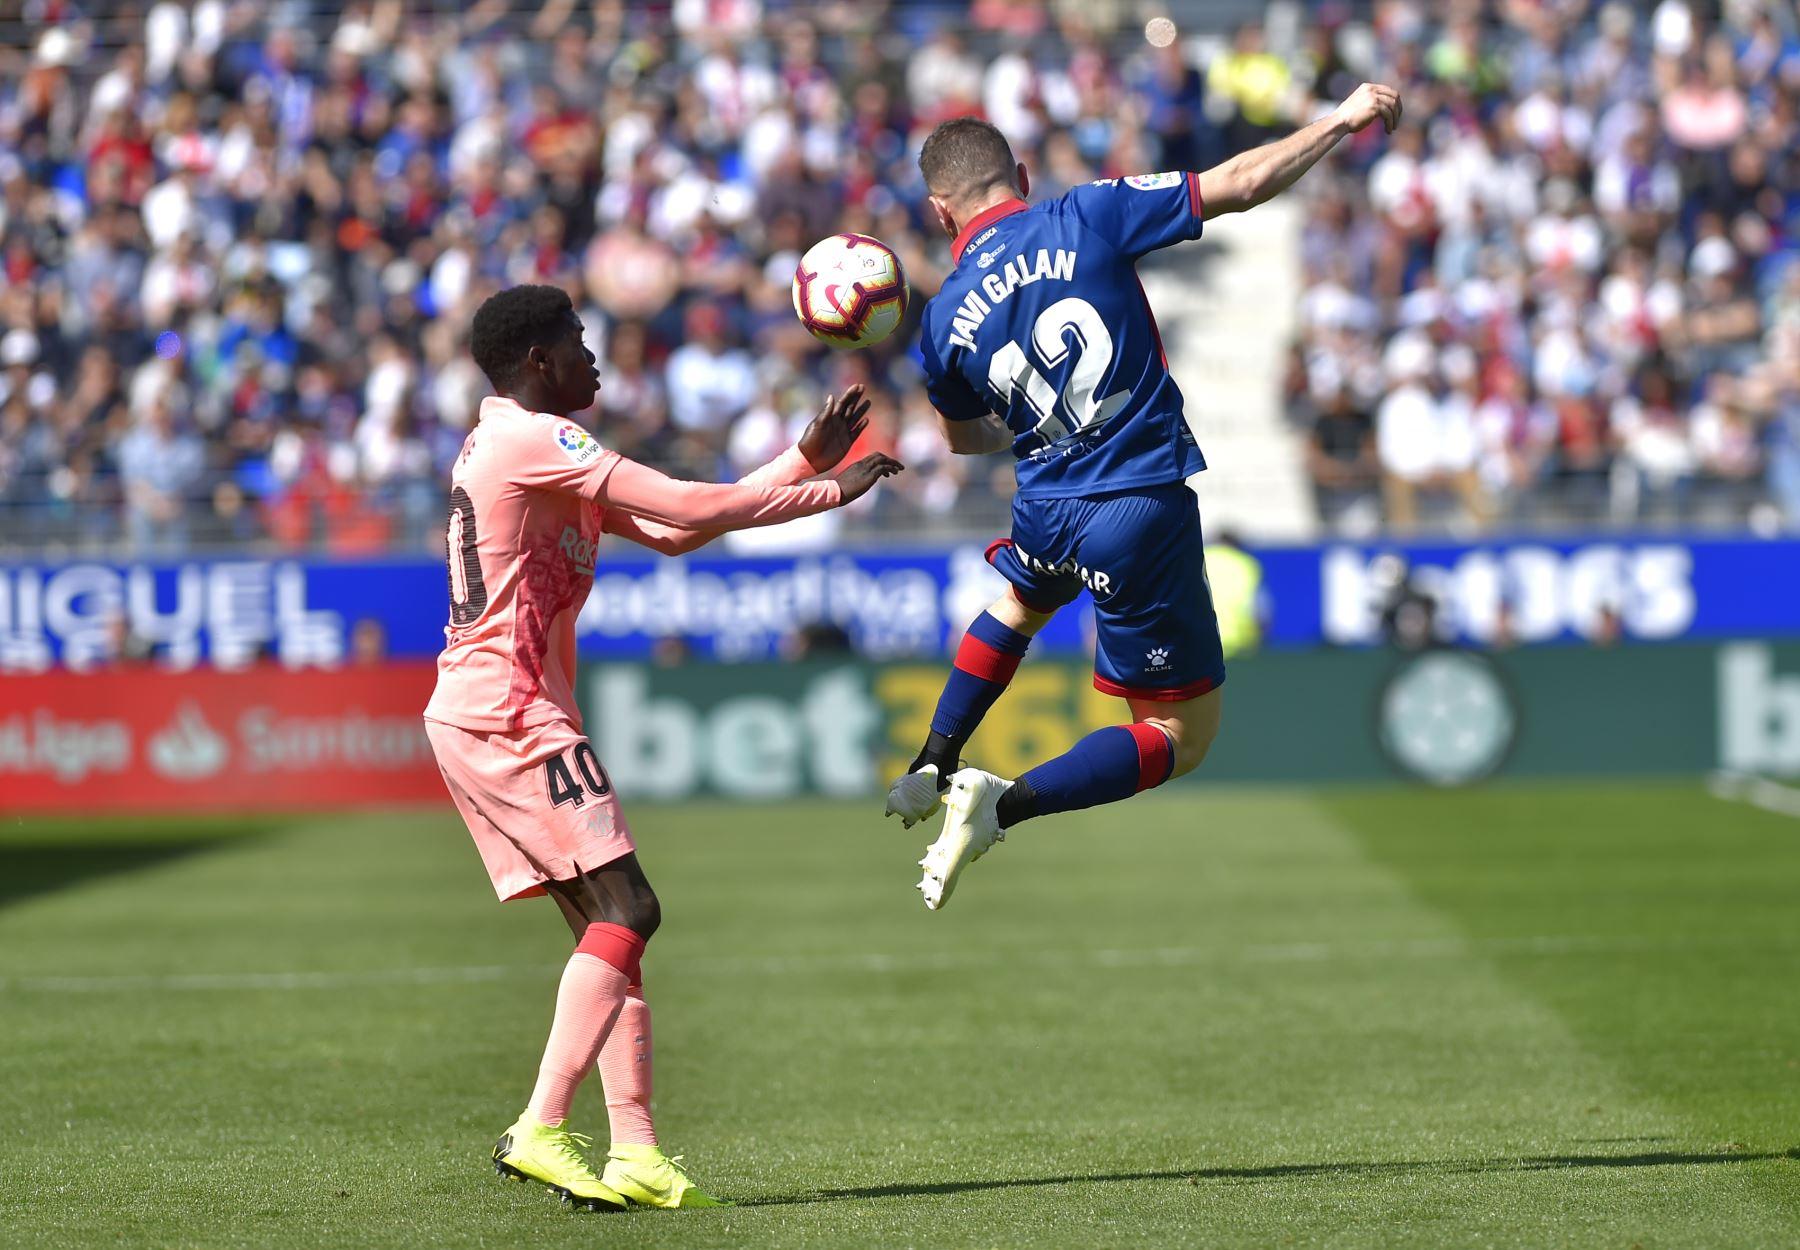 El delantero senegalés del Barcelona, Moussa Wague (L), compite con el mediocampista español del SD Huesca, Javi Galan, durante el partido de fútbol de la liga española entre el SD Huesca y el FC Barcelona.Foto: AFP